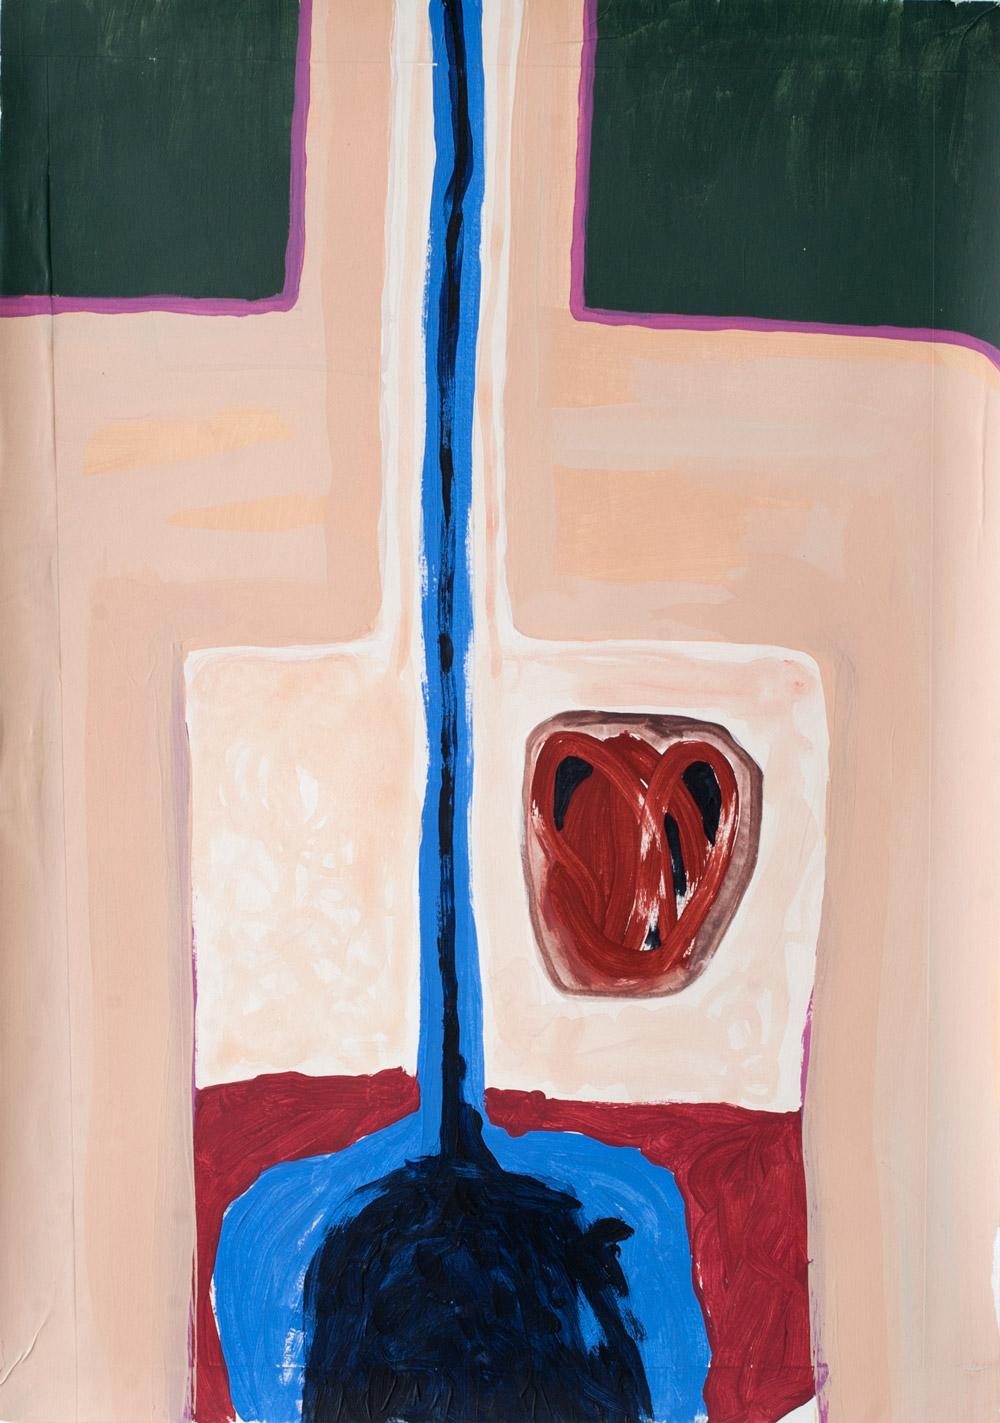 2020-DA-Painting-flasche_DSC3603-web